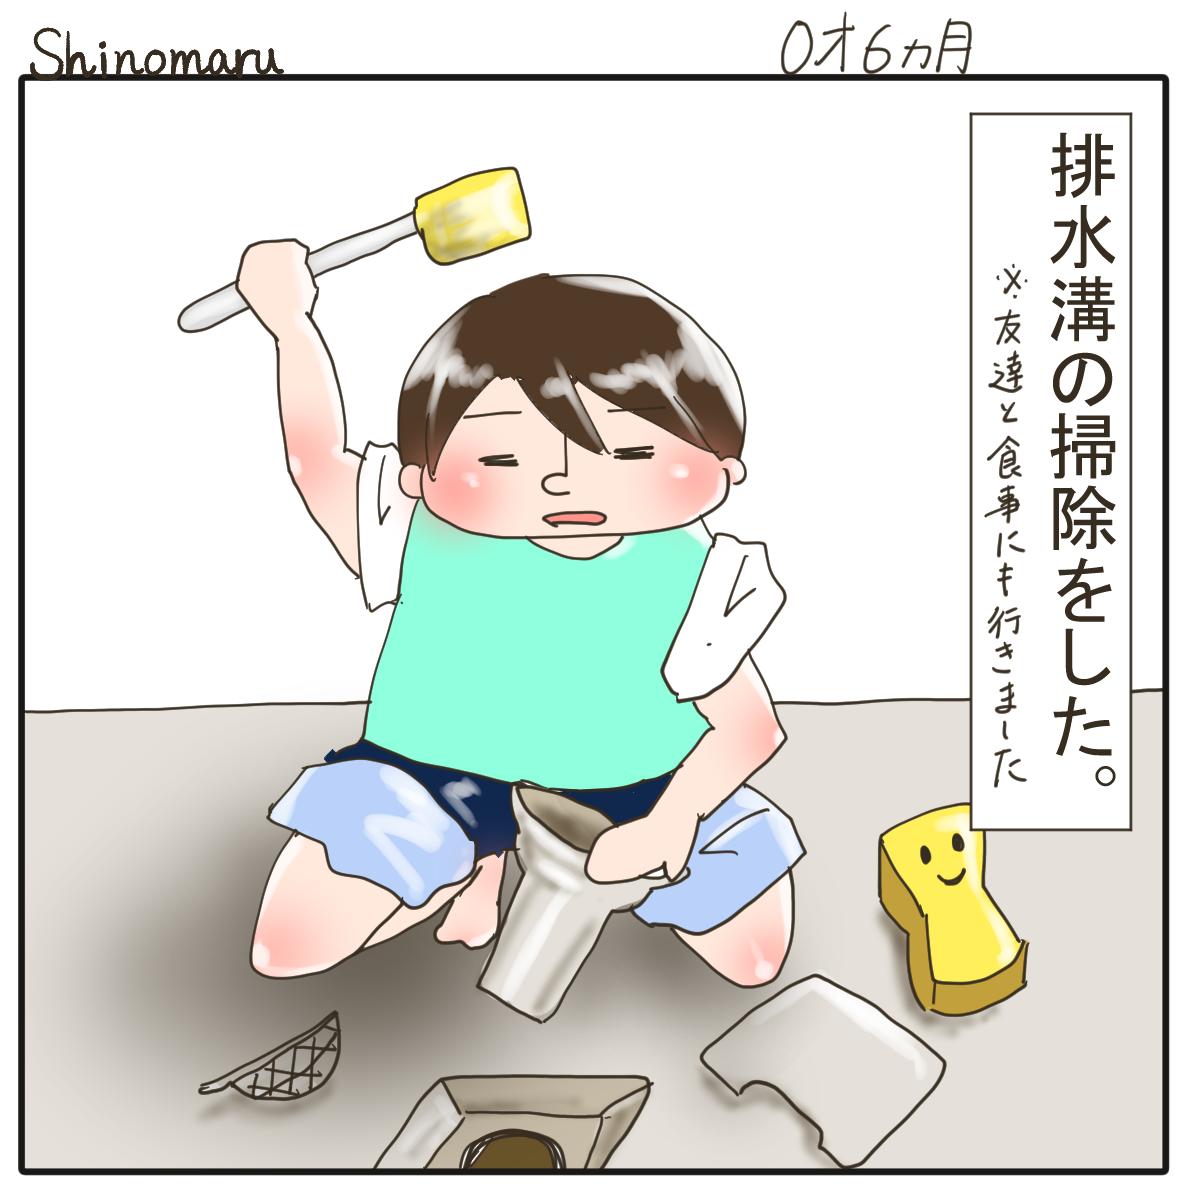 f:id:Shinomaru:20210510223054p:plain